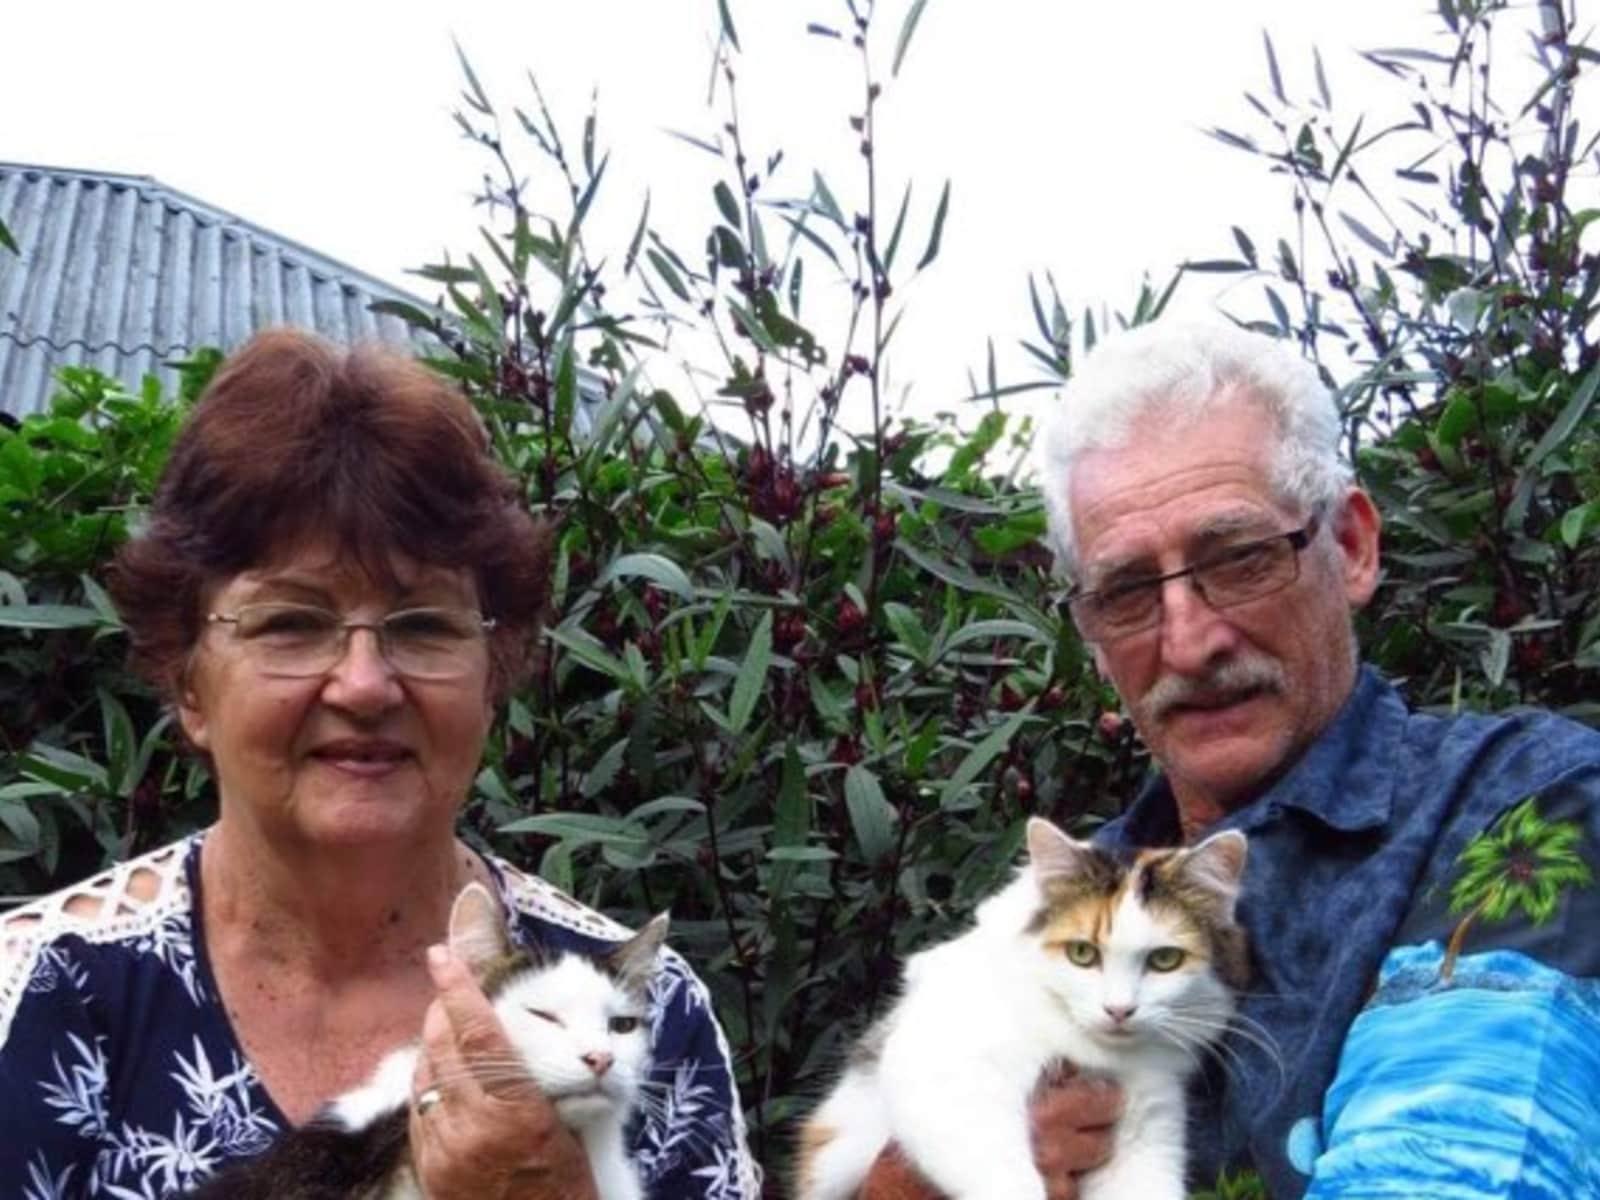 Wayne & lynn & Wayne from Dayboro, Queensland, Australia